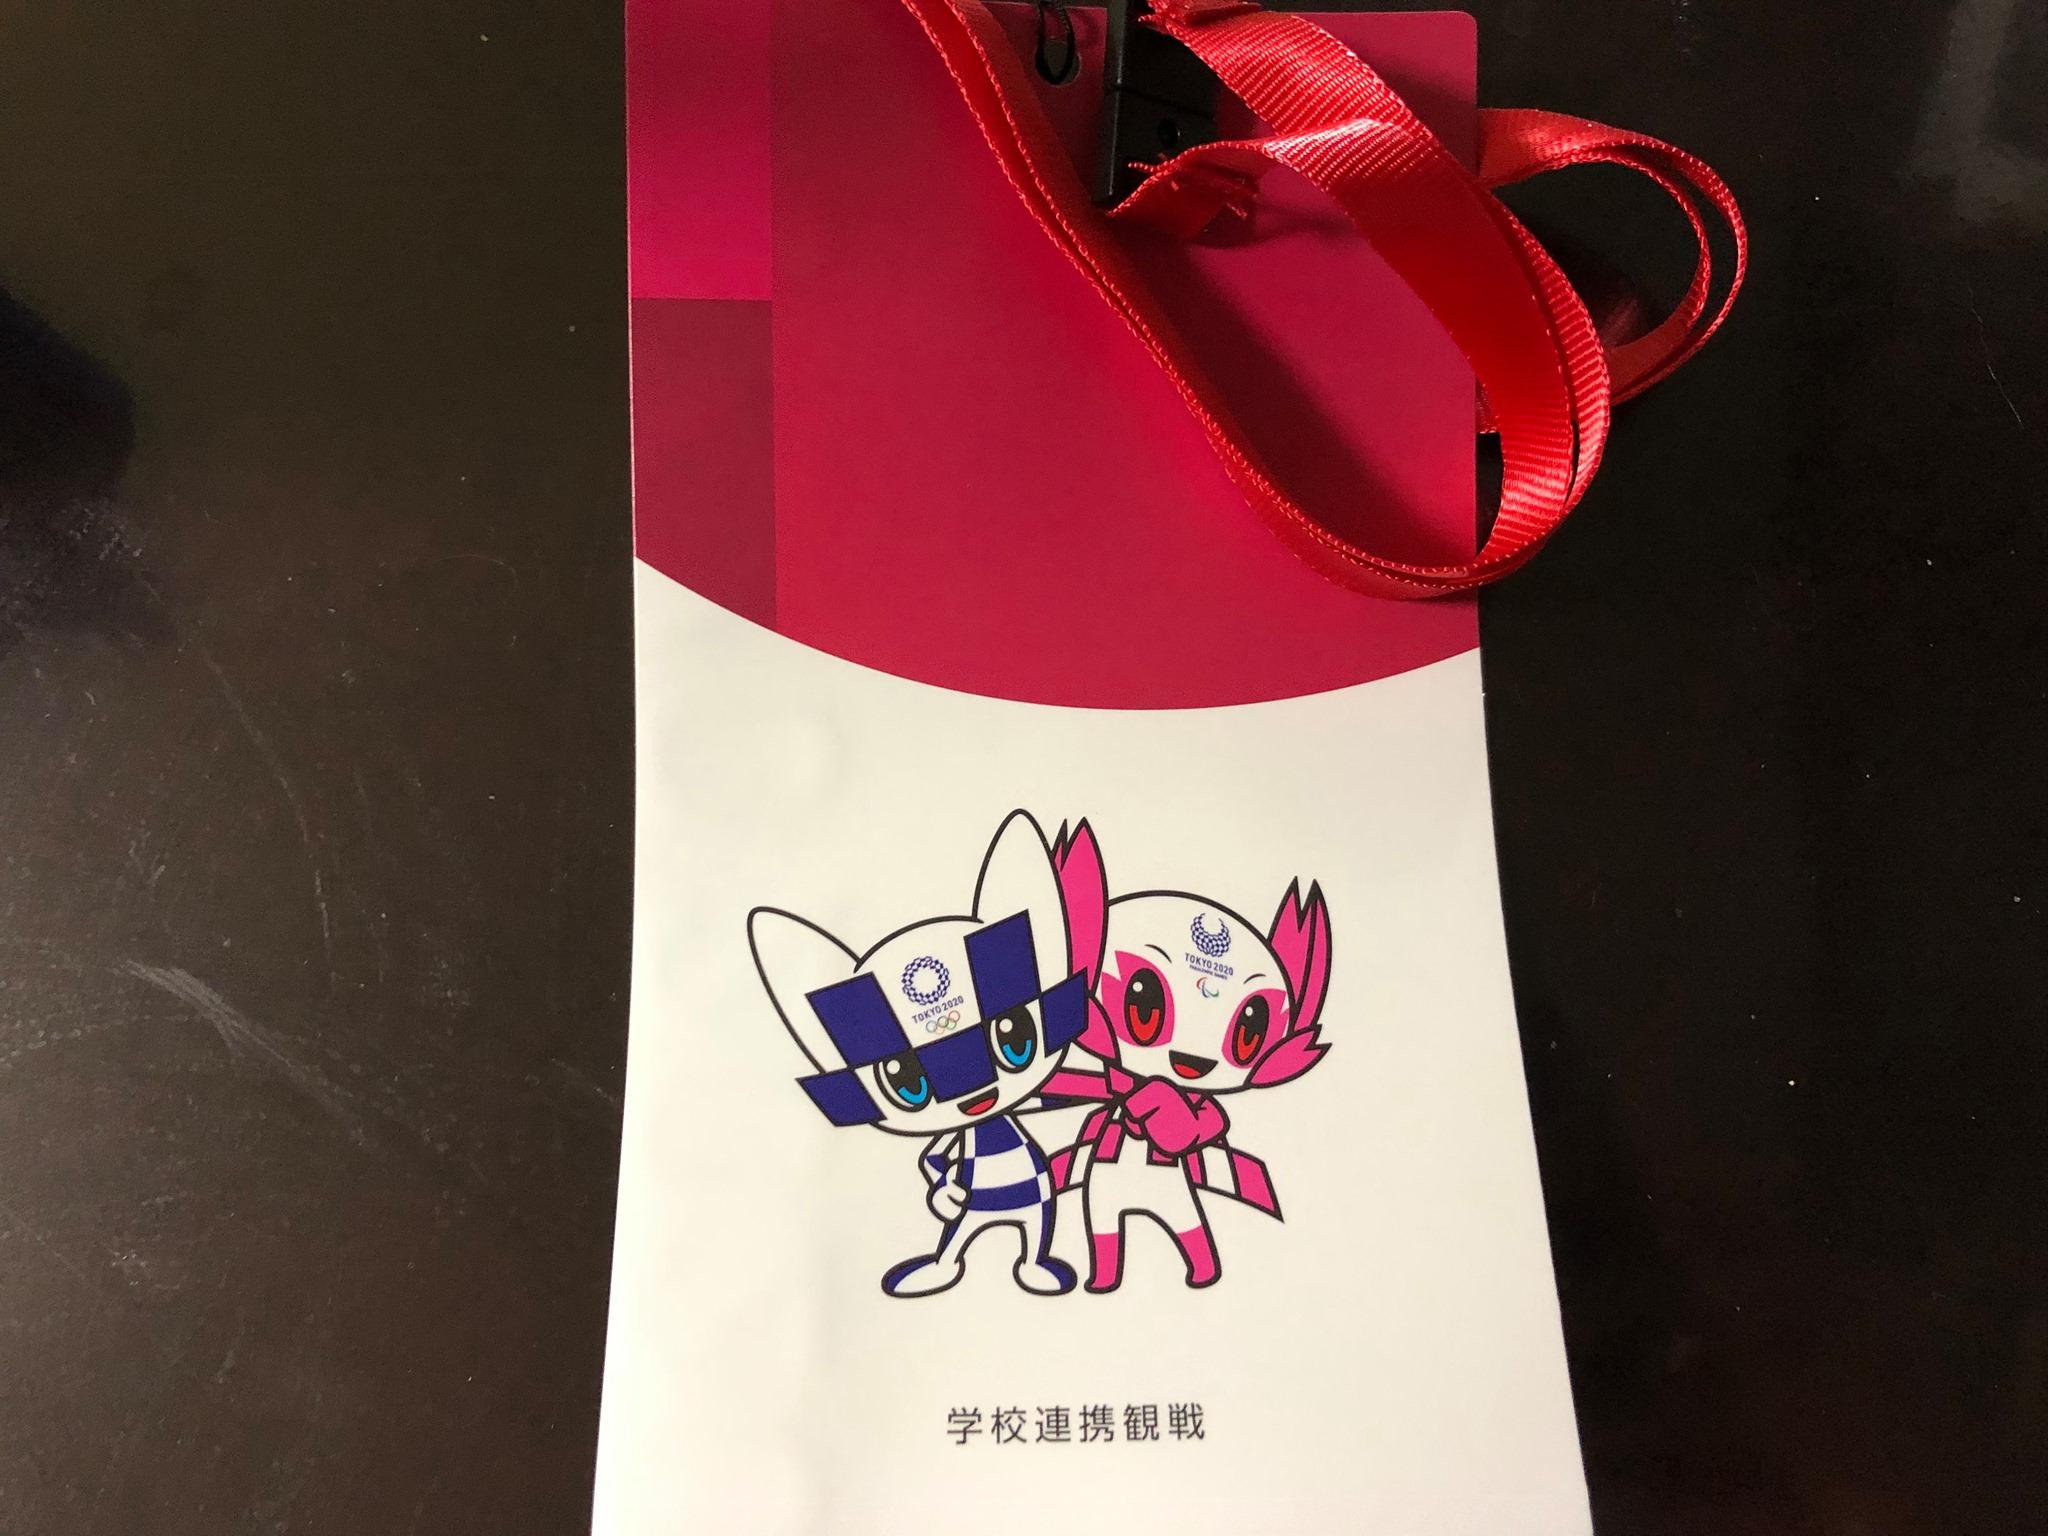 東京2020オリンピックが閉会しました。